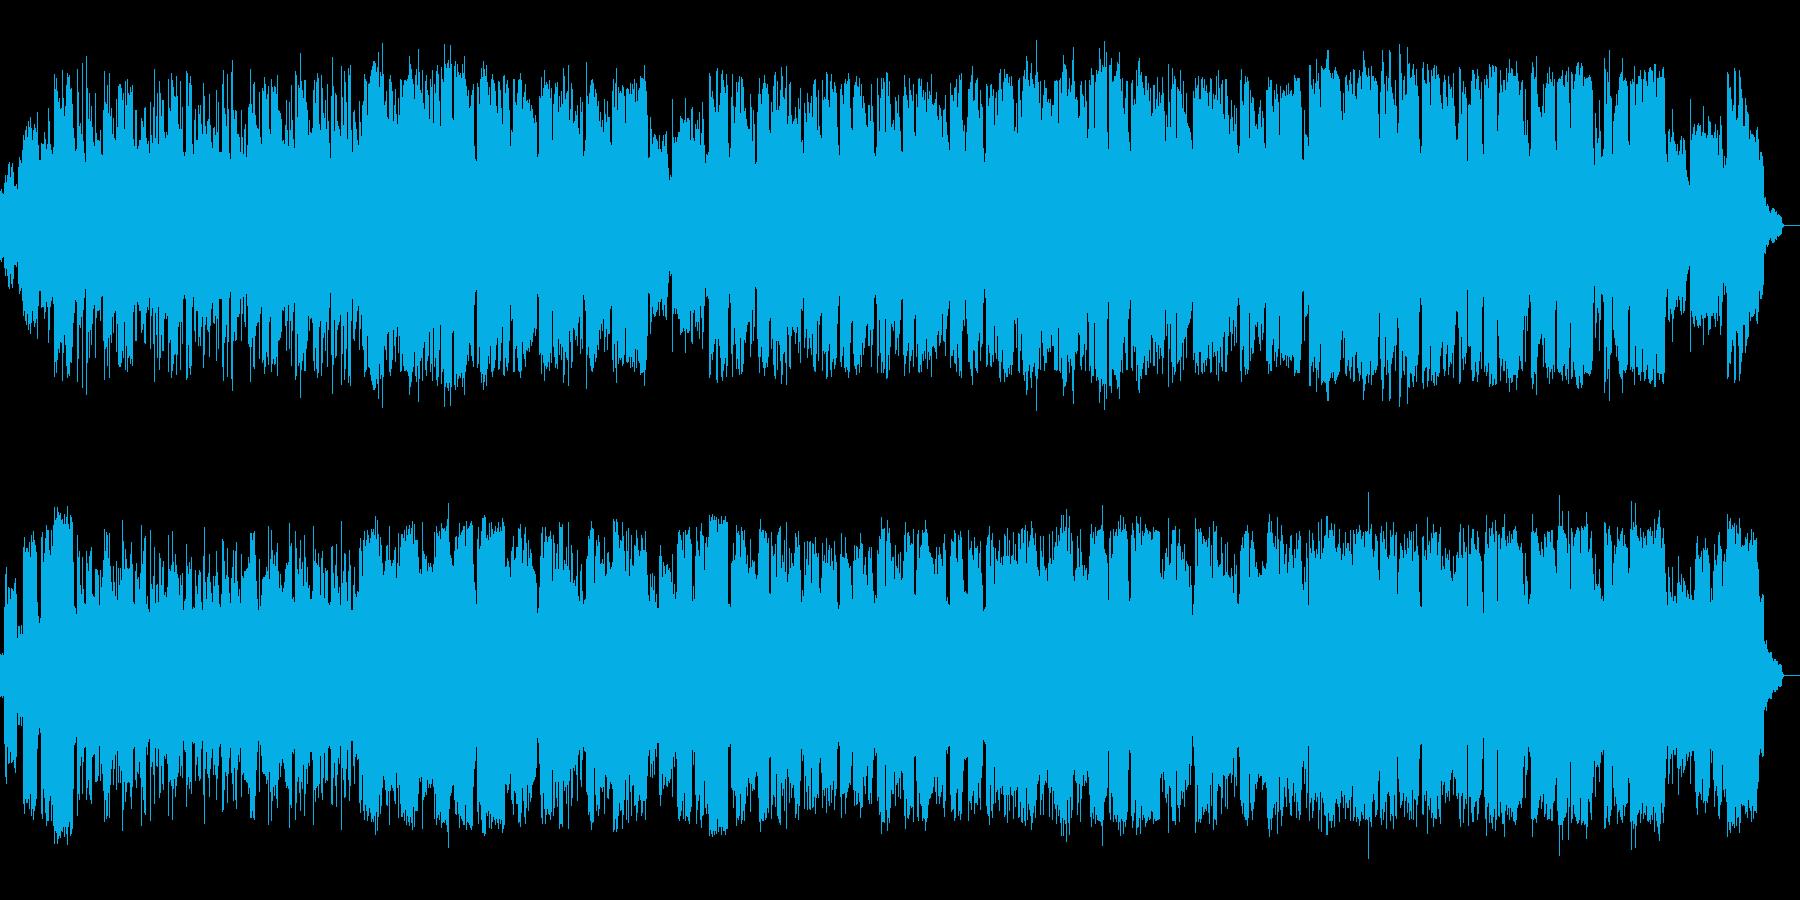 ピアノとサックスのまったりしたjazzの再生済みの波形